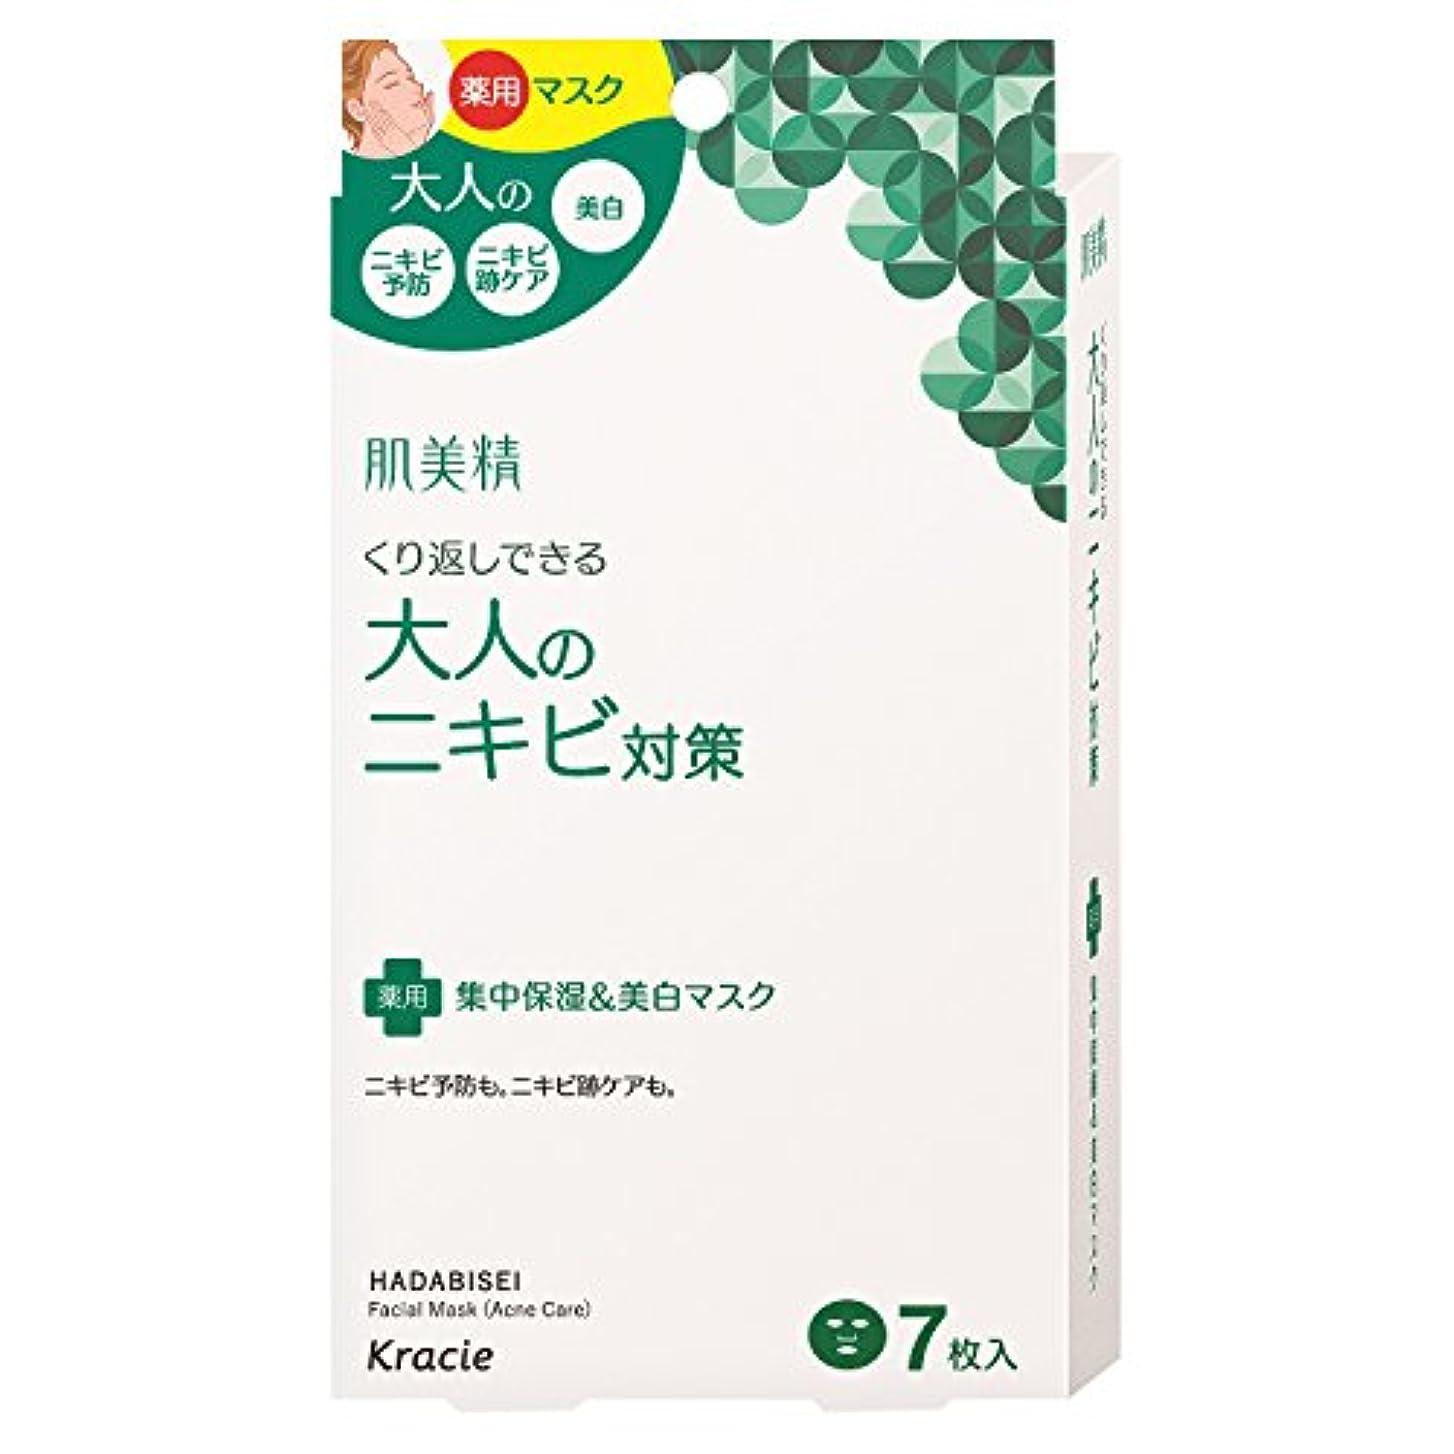 ライラック金曜日袋肌美精 大人のニキビ対策 薬用集中保湿&美白マスク 7枚 (医薬部外品)